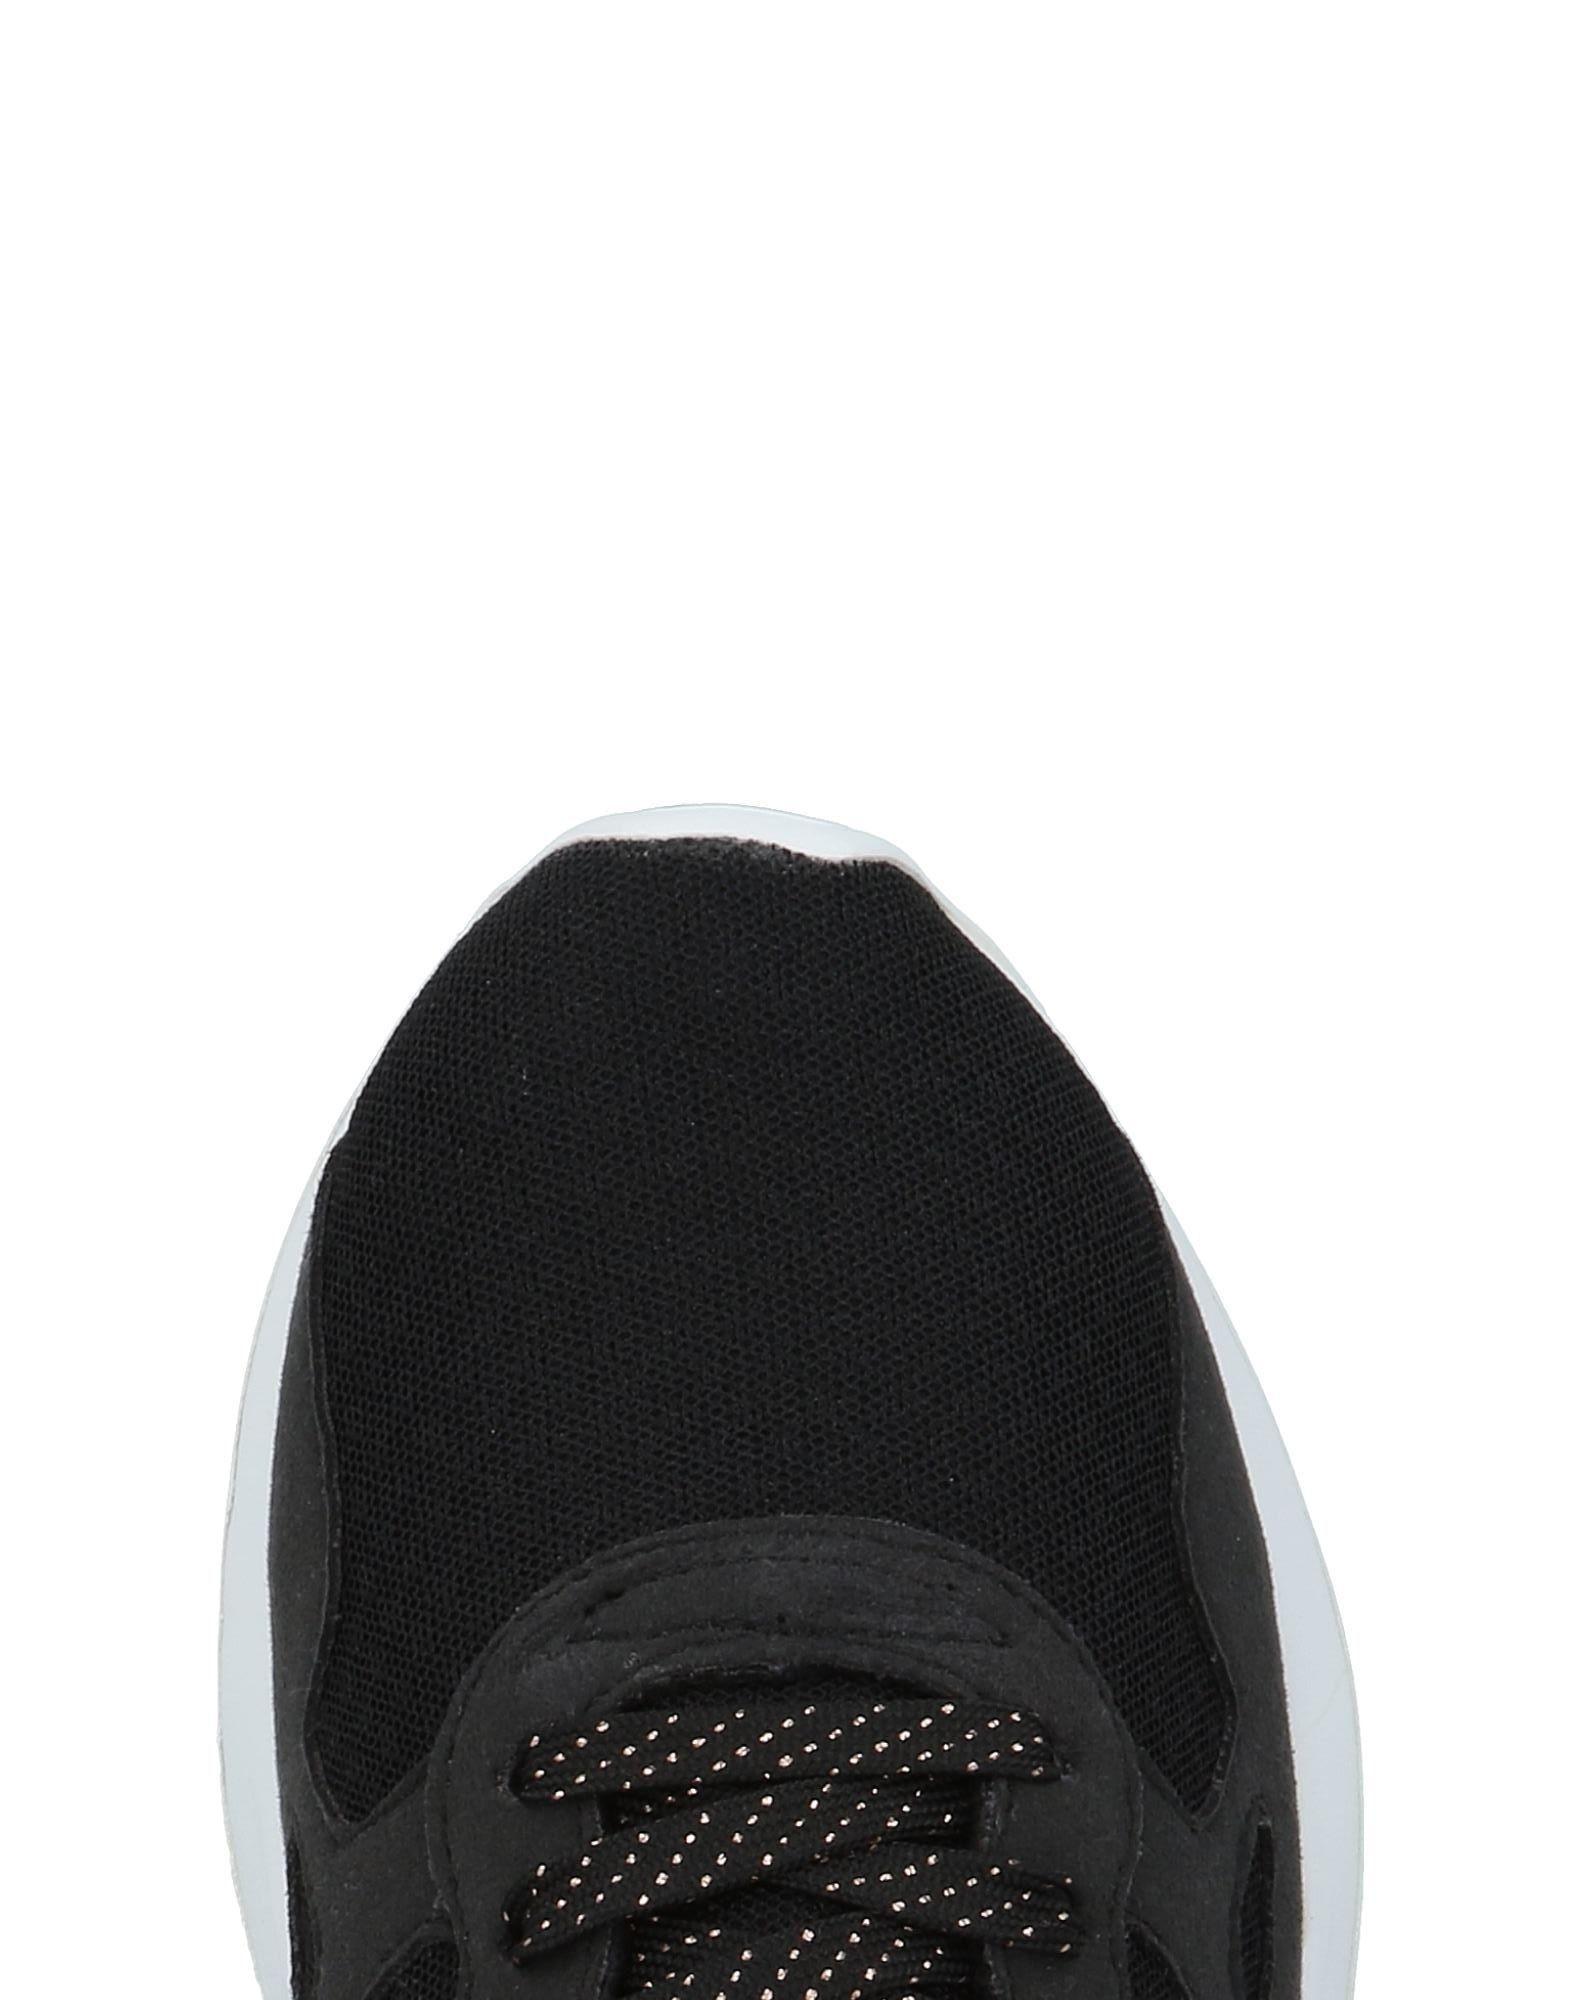 Le Coq Sportif Sneakers Damen Qualität  11497145BF Gute Qualität Damen beliebte Schuhe 8eba7e